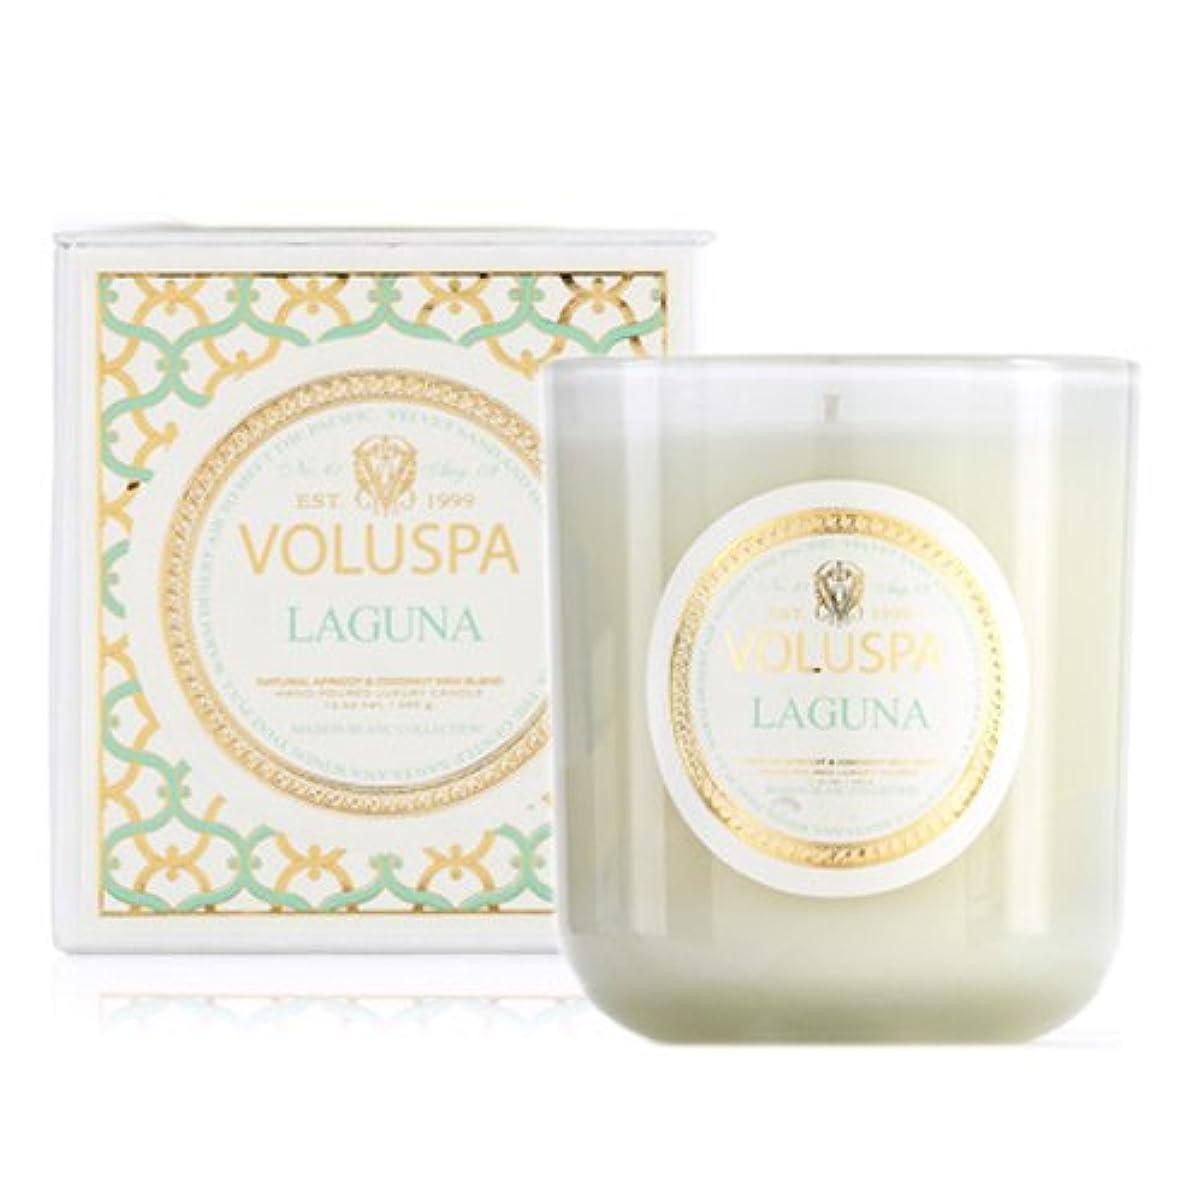 実質的に汚れた棚Voluspa ボルスパ メゾンブラン ボックス入りグラスキャンドル ラグナ MAISON BLANC Box Glass Candle LAGUNA